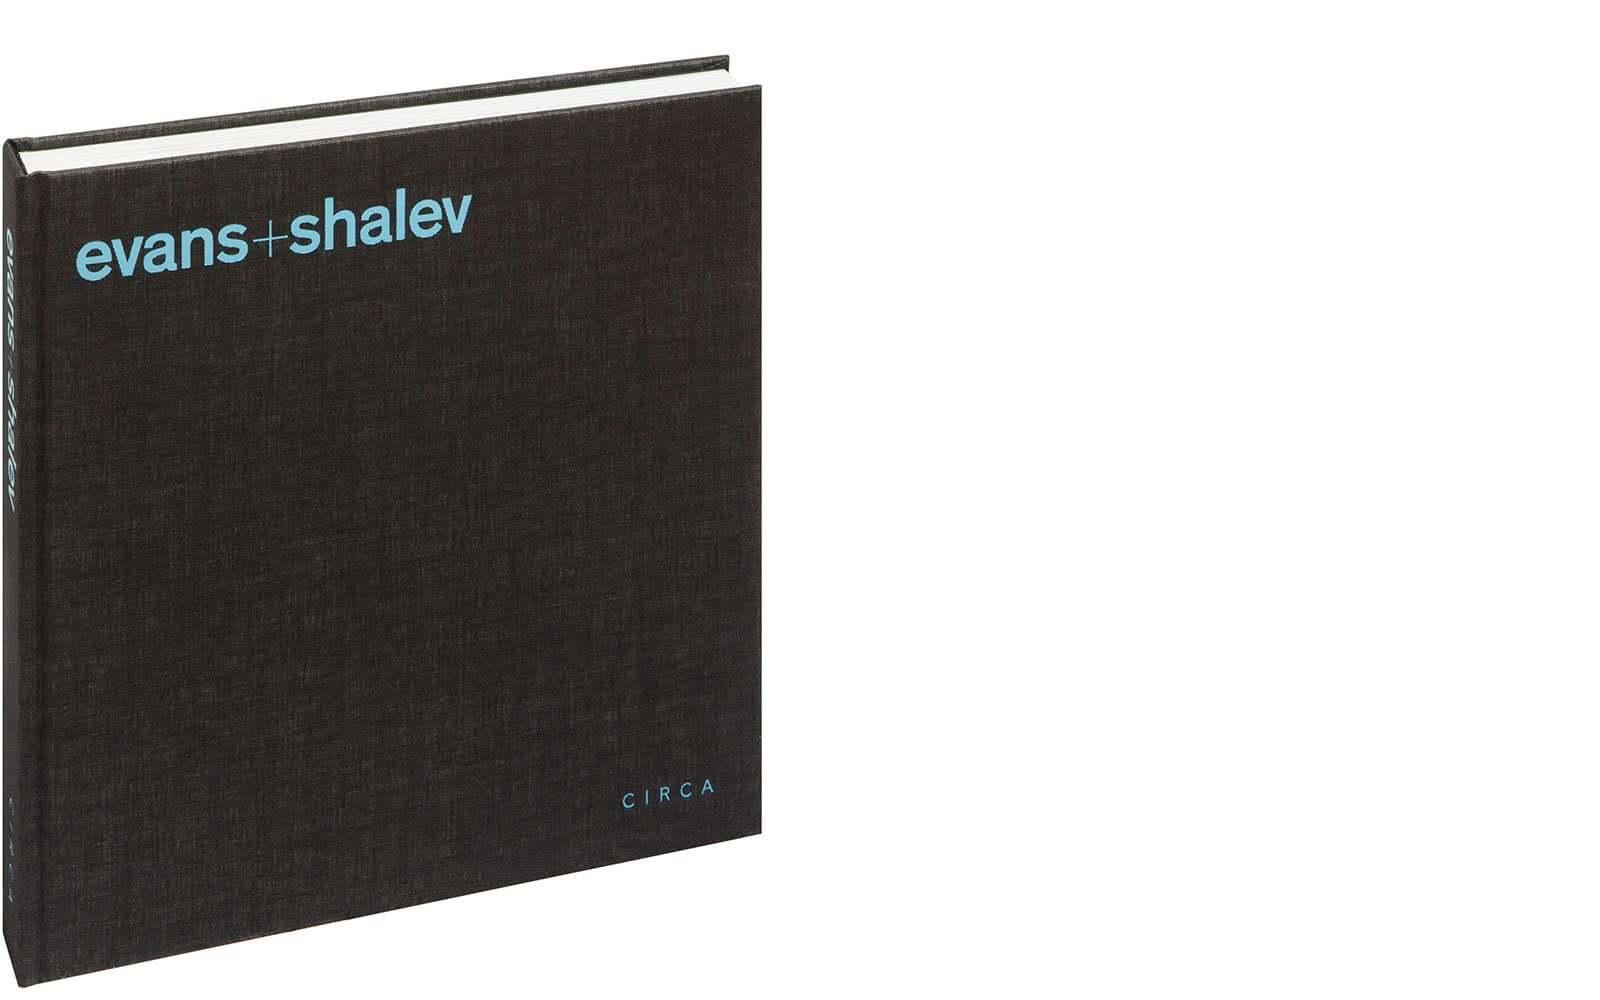 Evans + Shalev cover